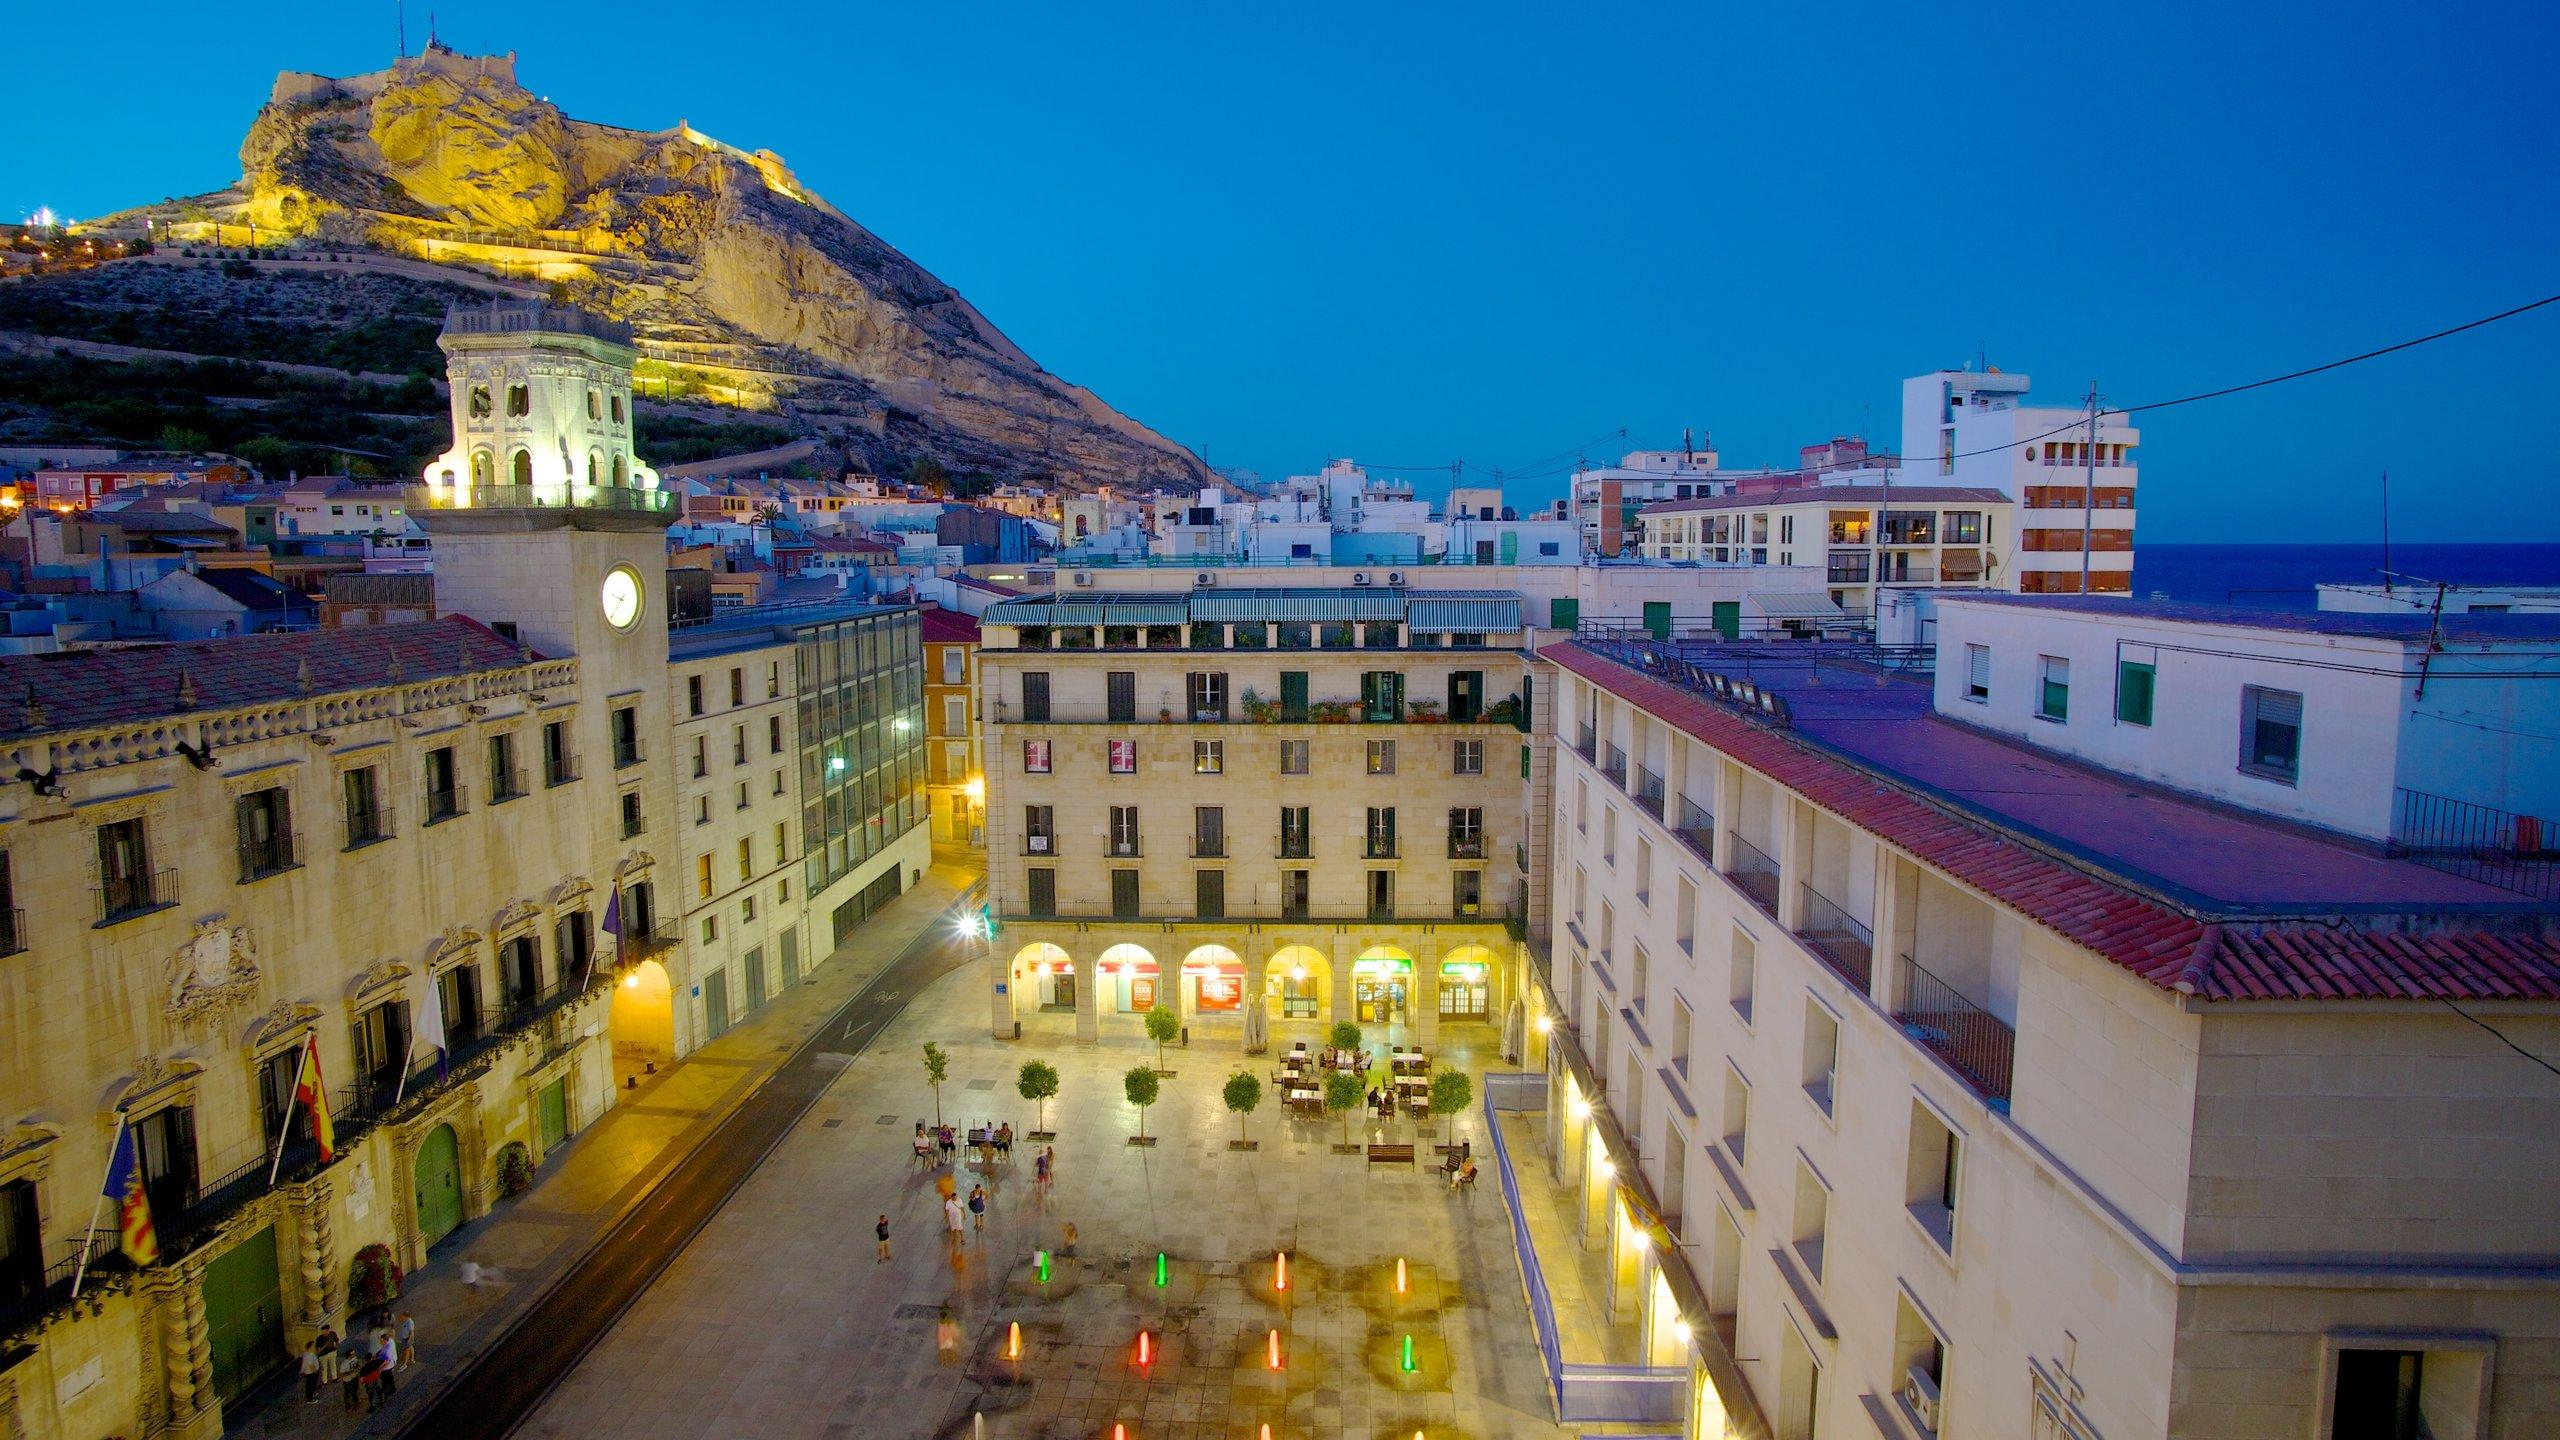 Dit prachtige staaltje 18e-eeuwse barokarchitectuur is nog altijd de bestuurszetel van Alicante.